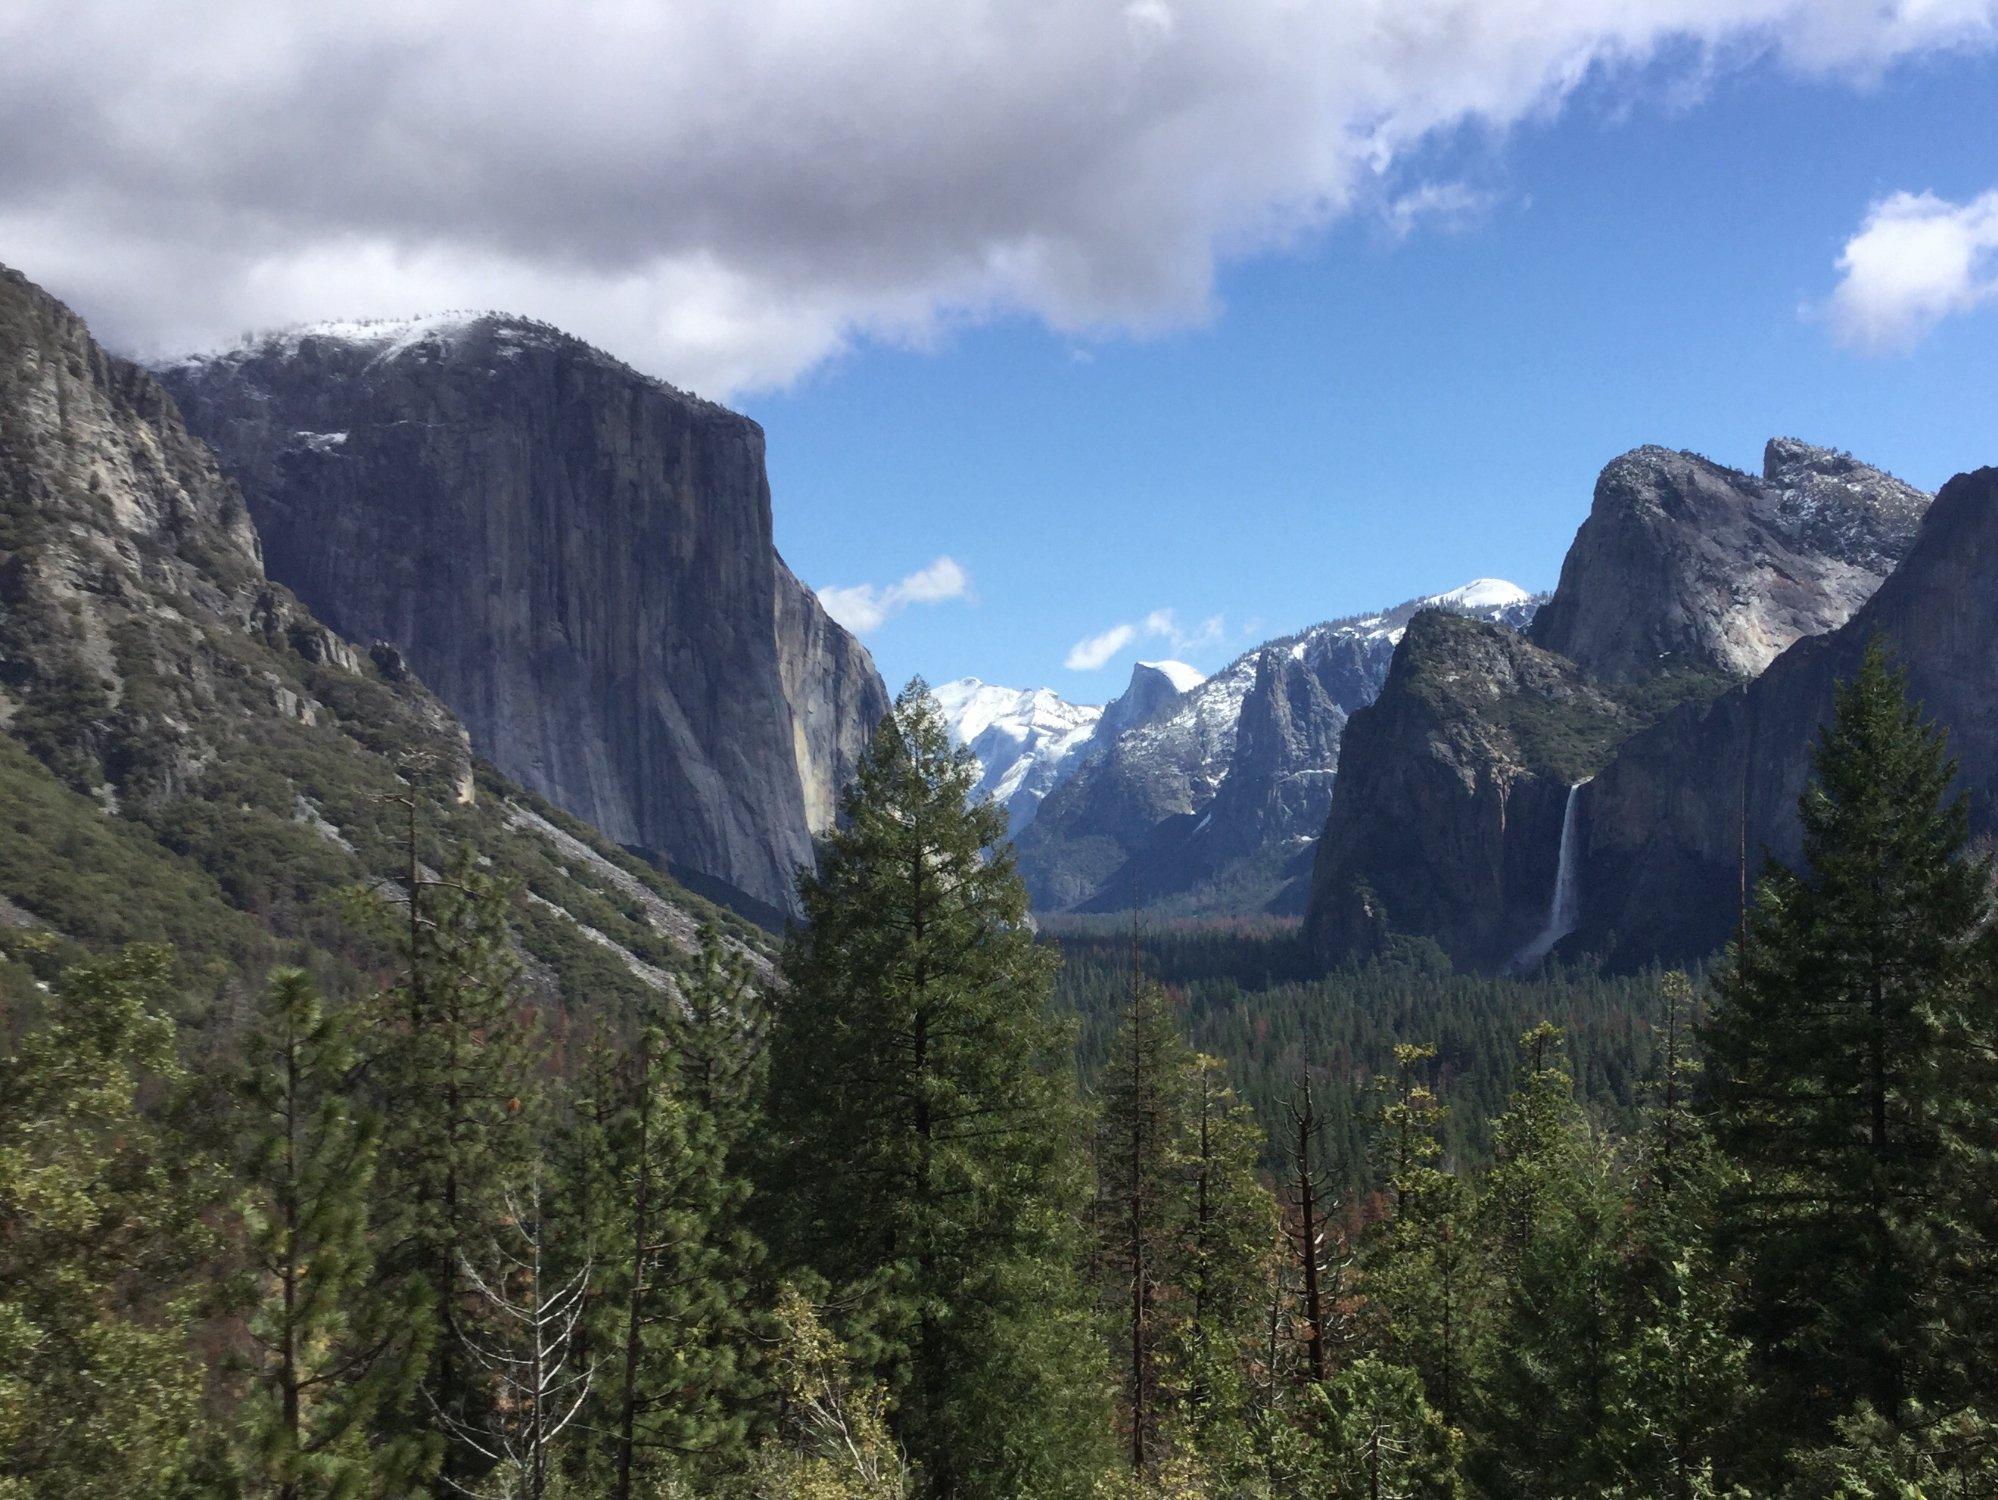 La valle dello Yosemite